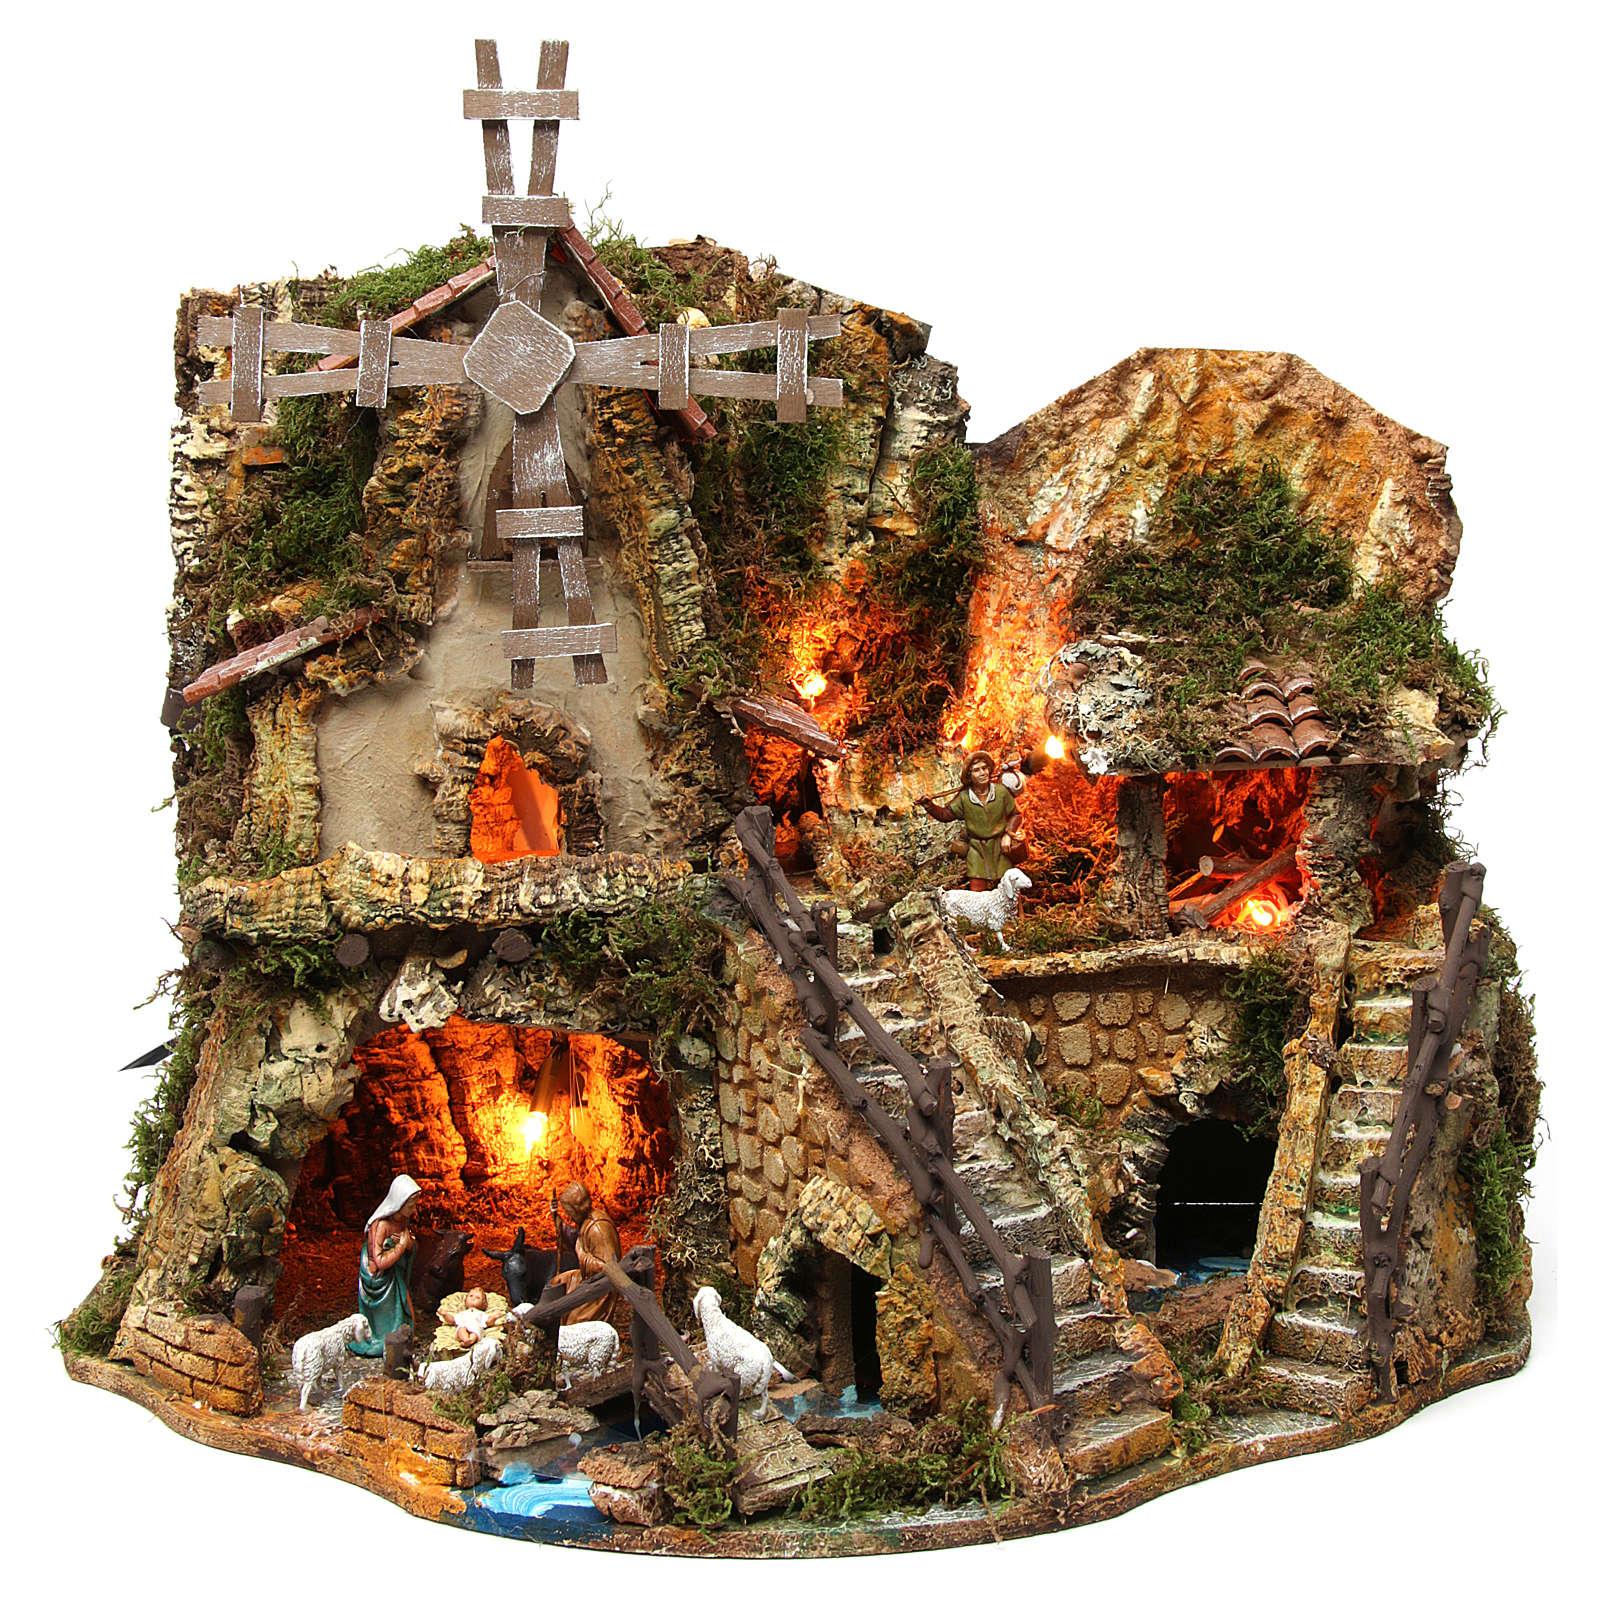 Otoczenie z chatą oświetlona domami i młynem 42x59x35 cm 4